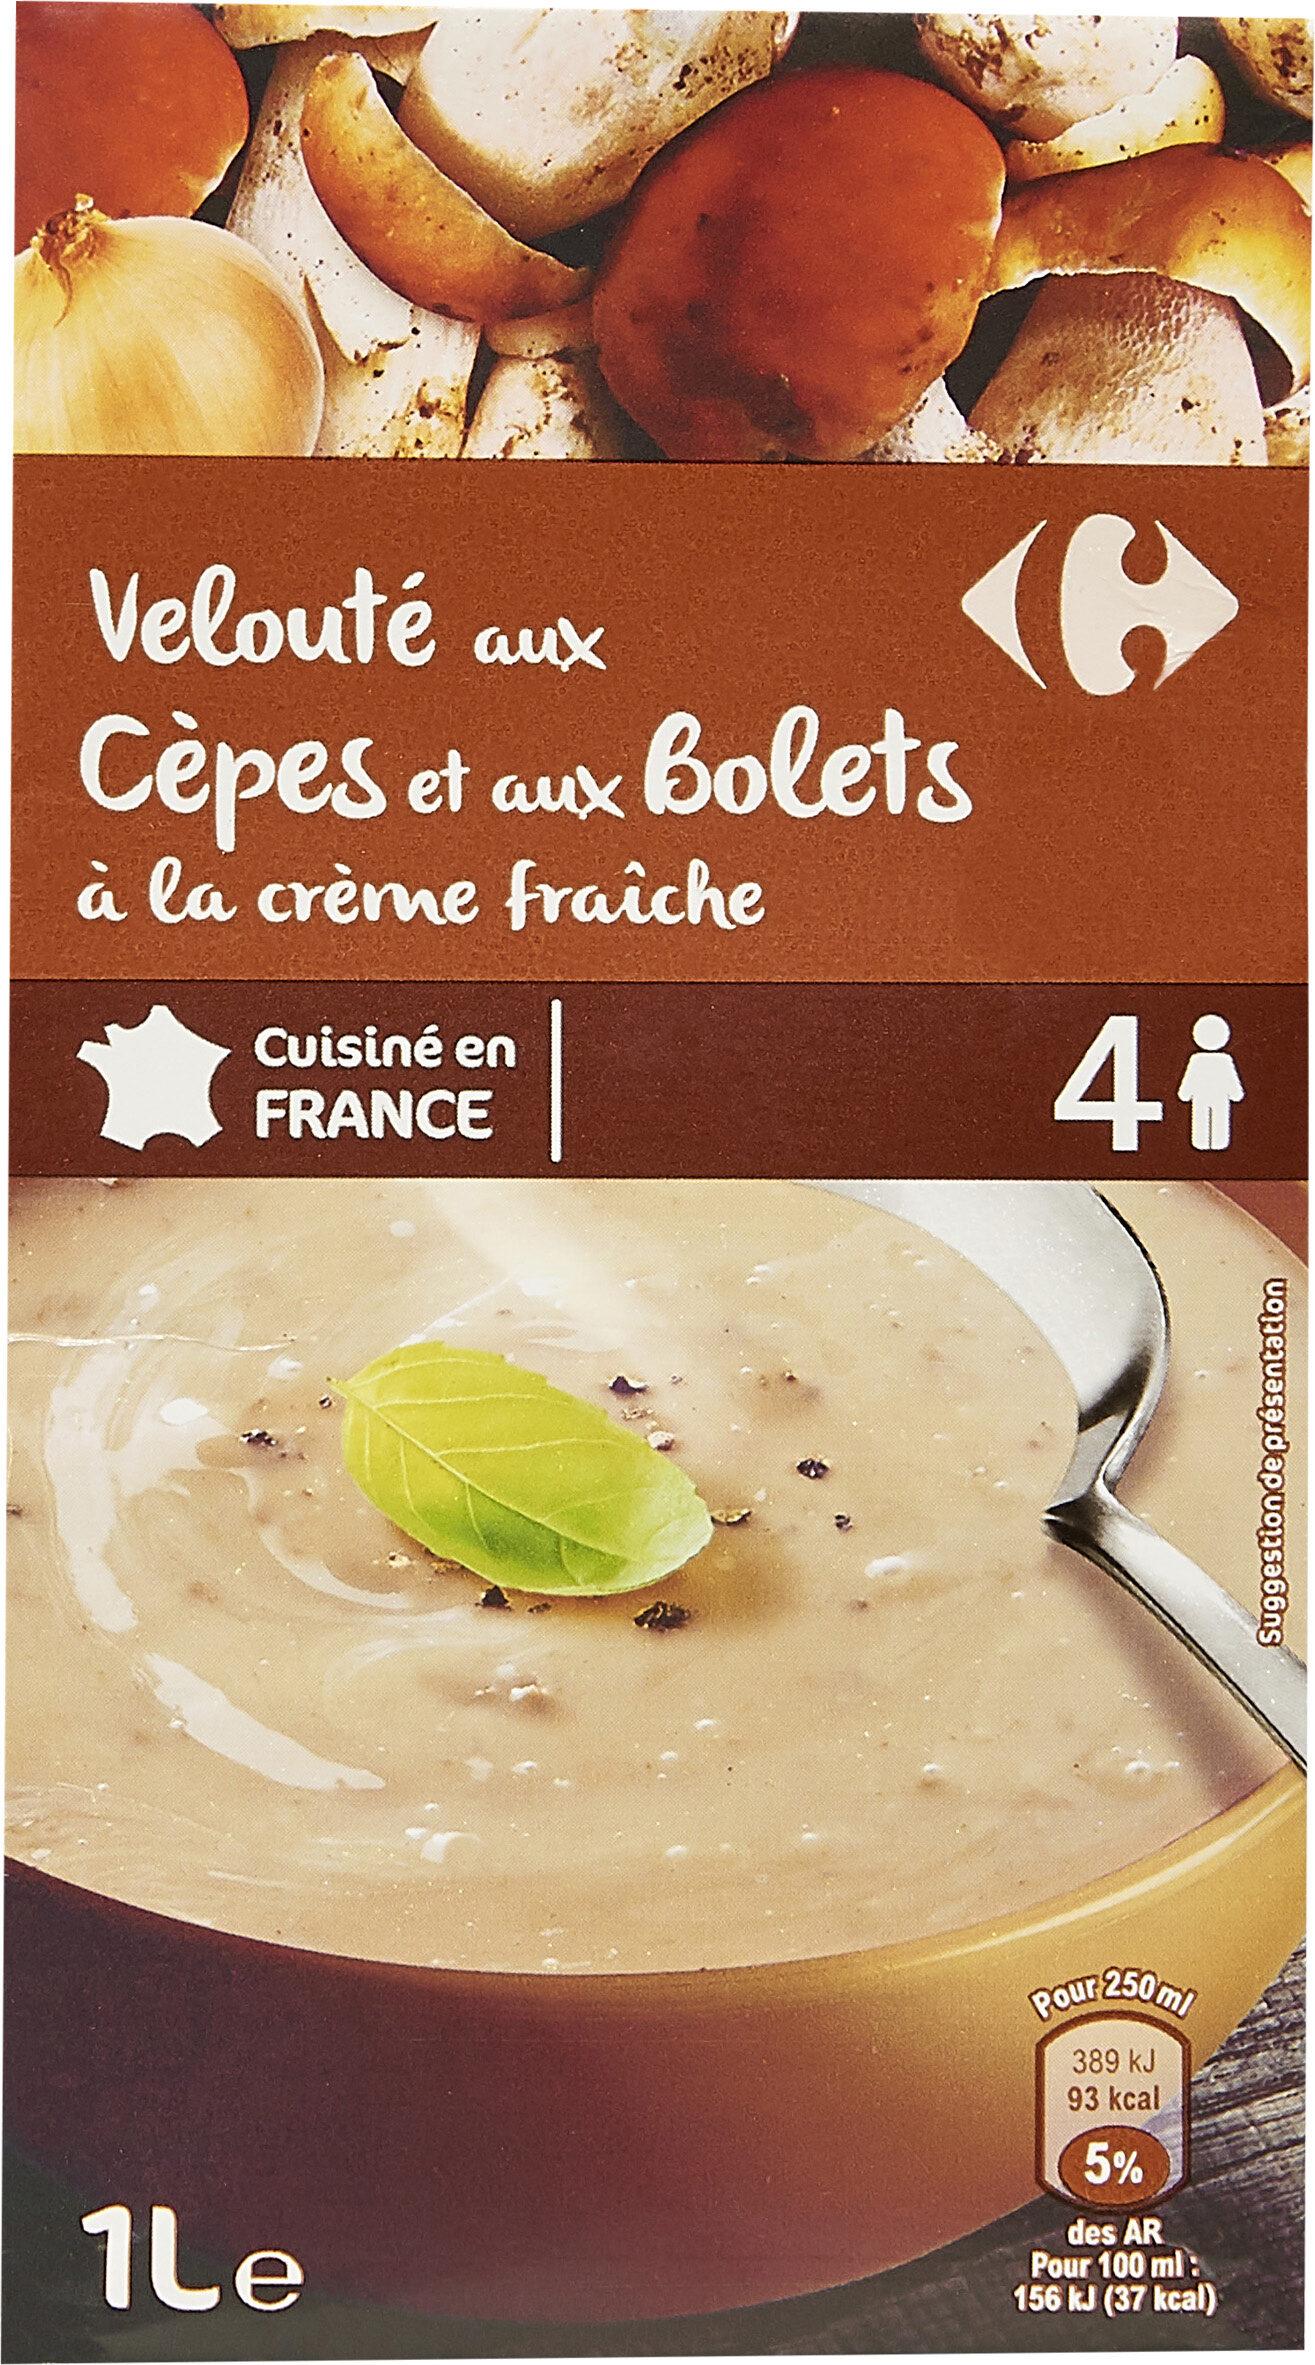 Velouté aux Cèpes et aux Bolets à la crème fraîche - Product - fr